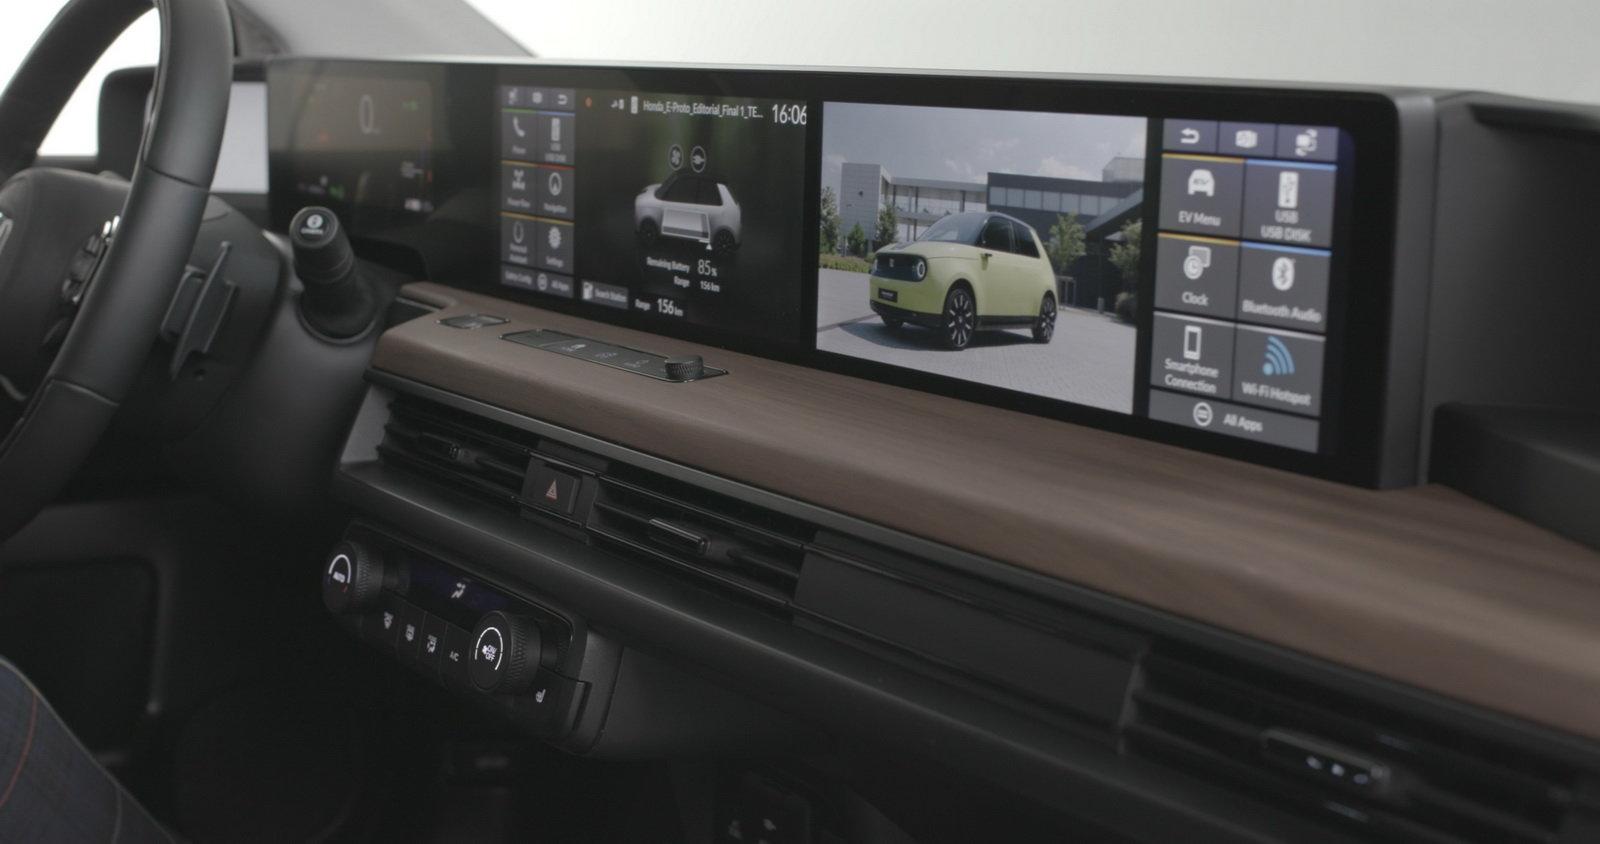 Dal 2022 tutte le automobili Honda avranno Google Android come sistema operativo nativo